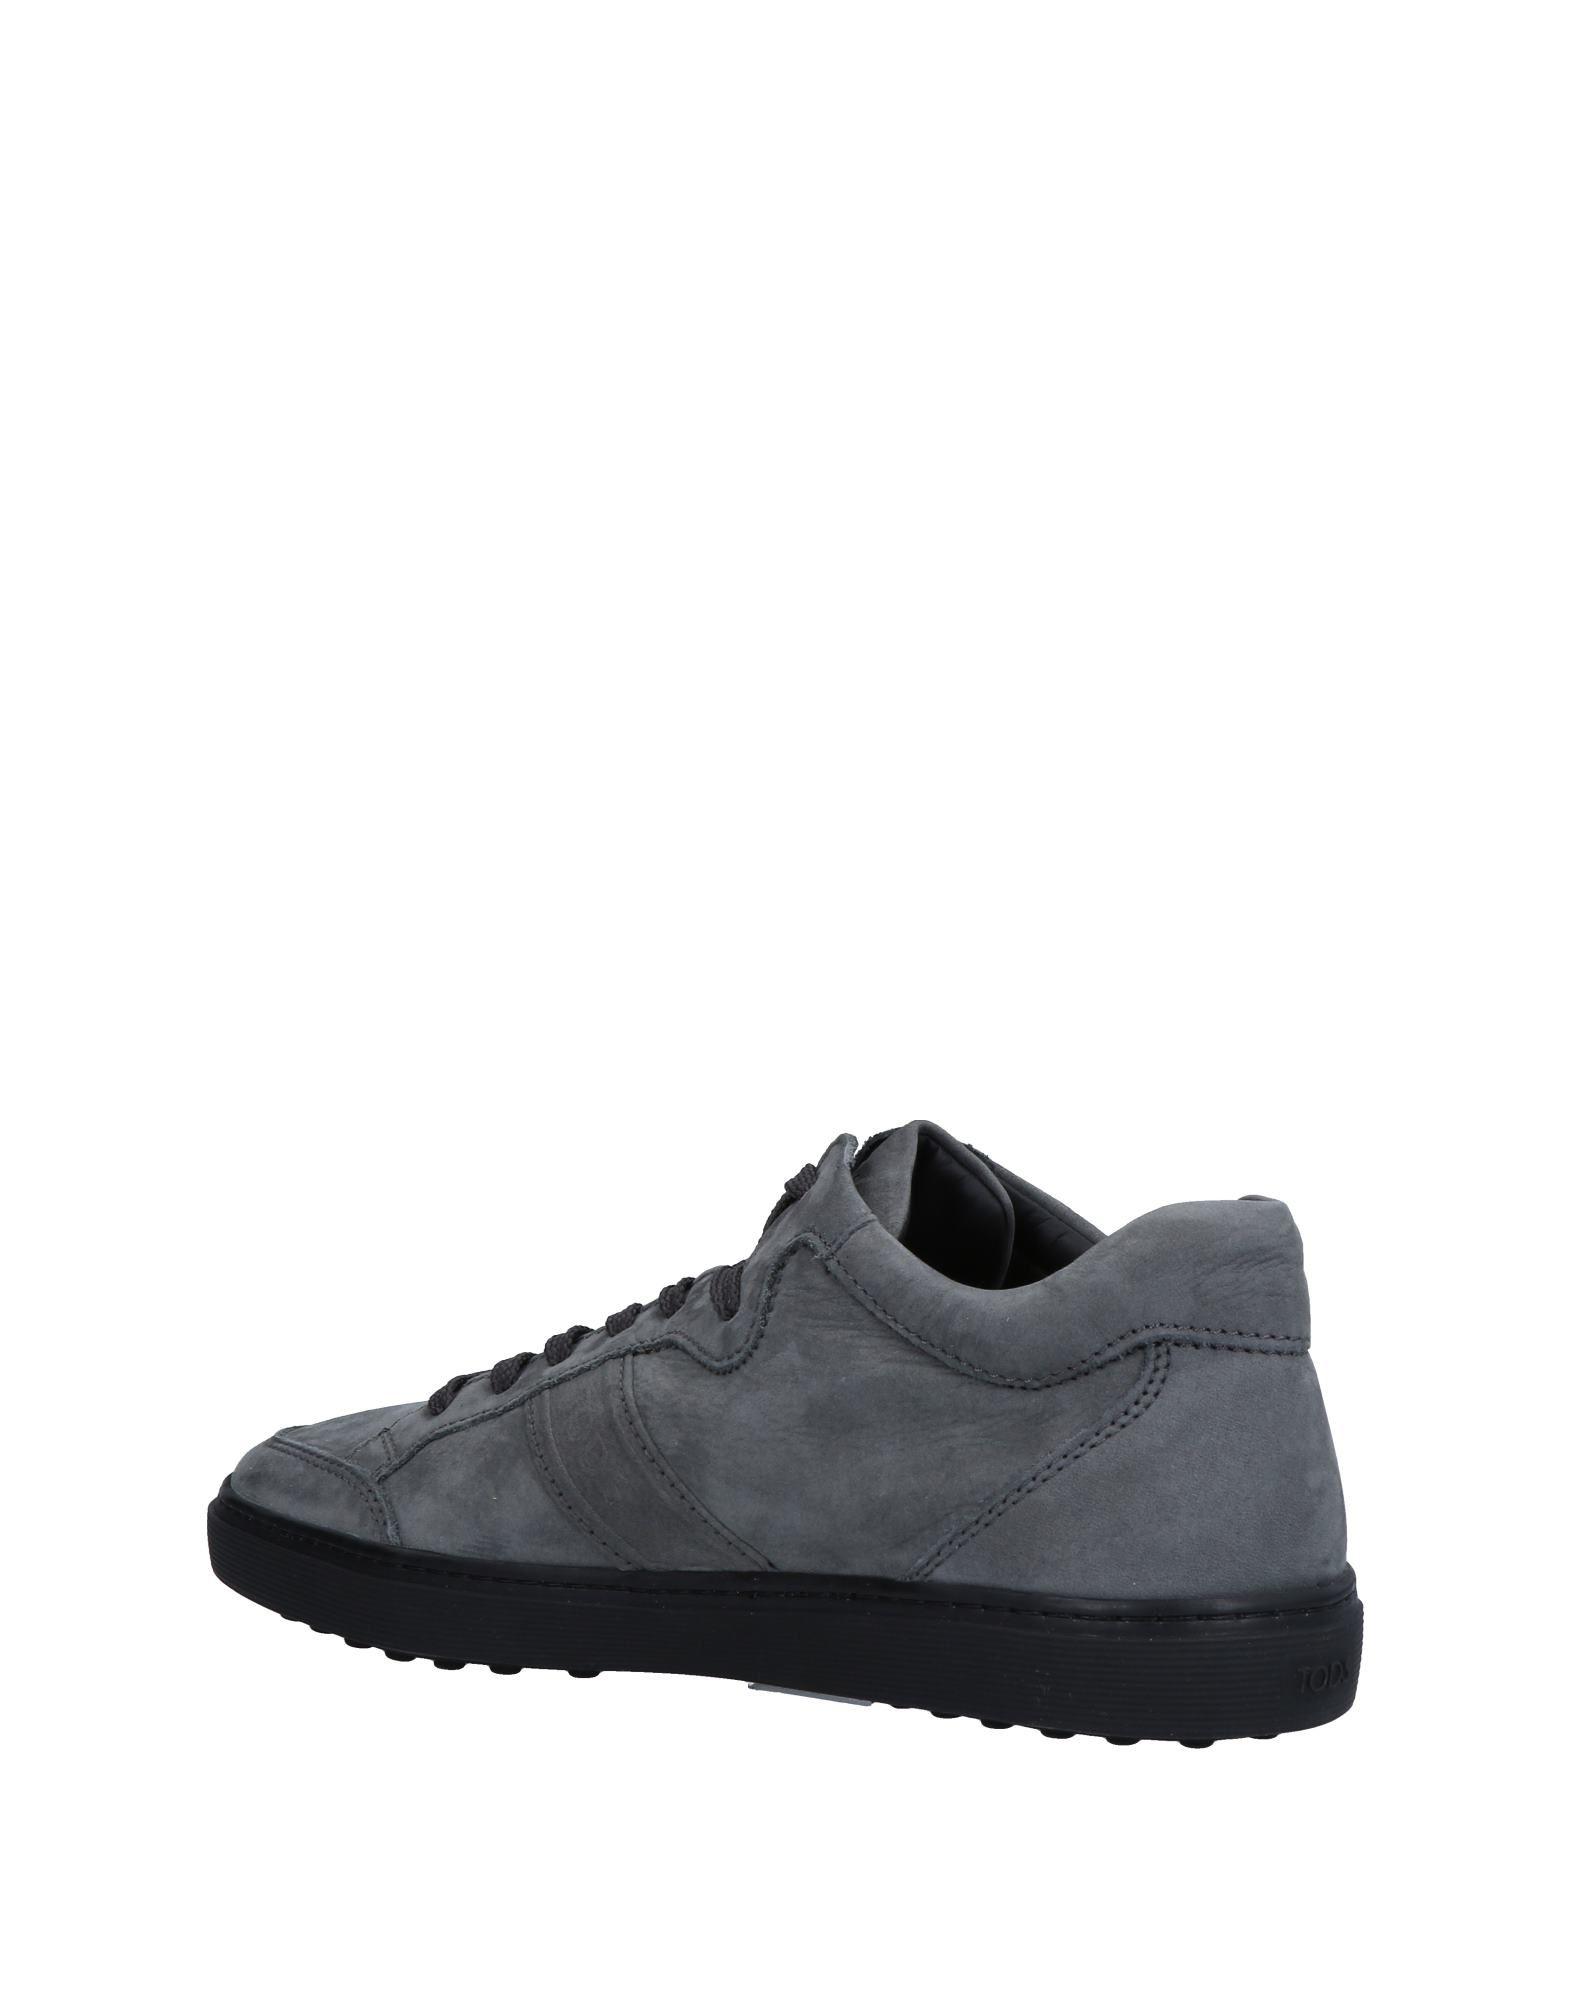 Tod's Sneakers Herren   Herren 11516951TV  22f1a7